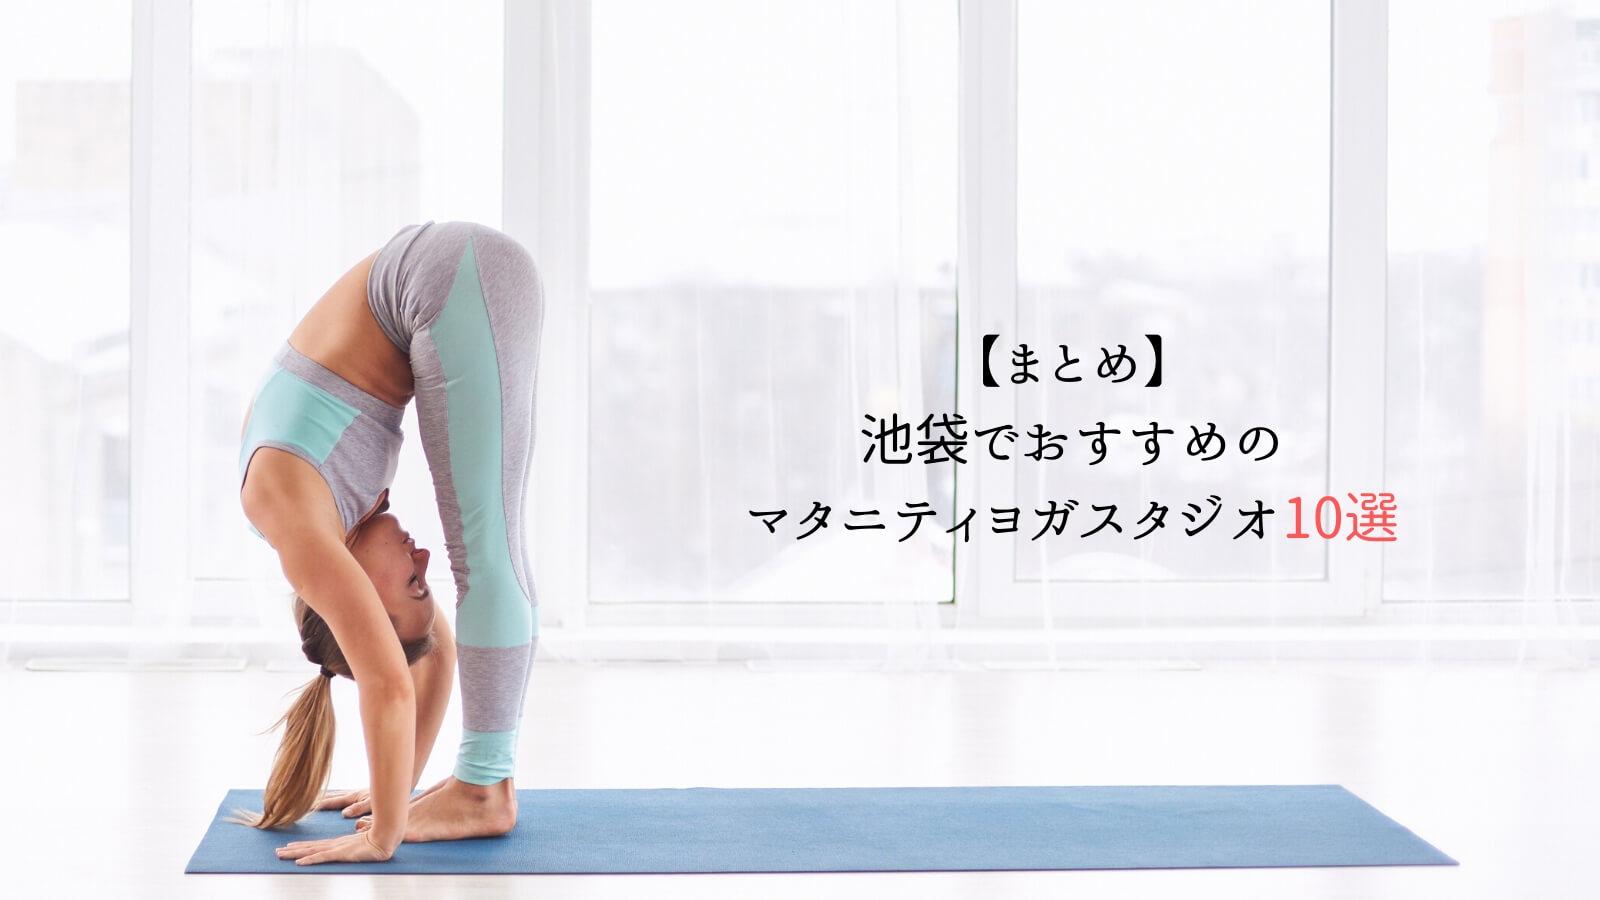 【まとめ】池袋のおすすめマタニティヨガスタジオ11選!土日もやってる!